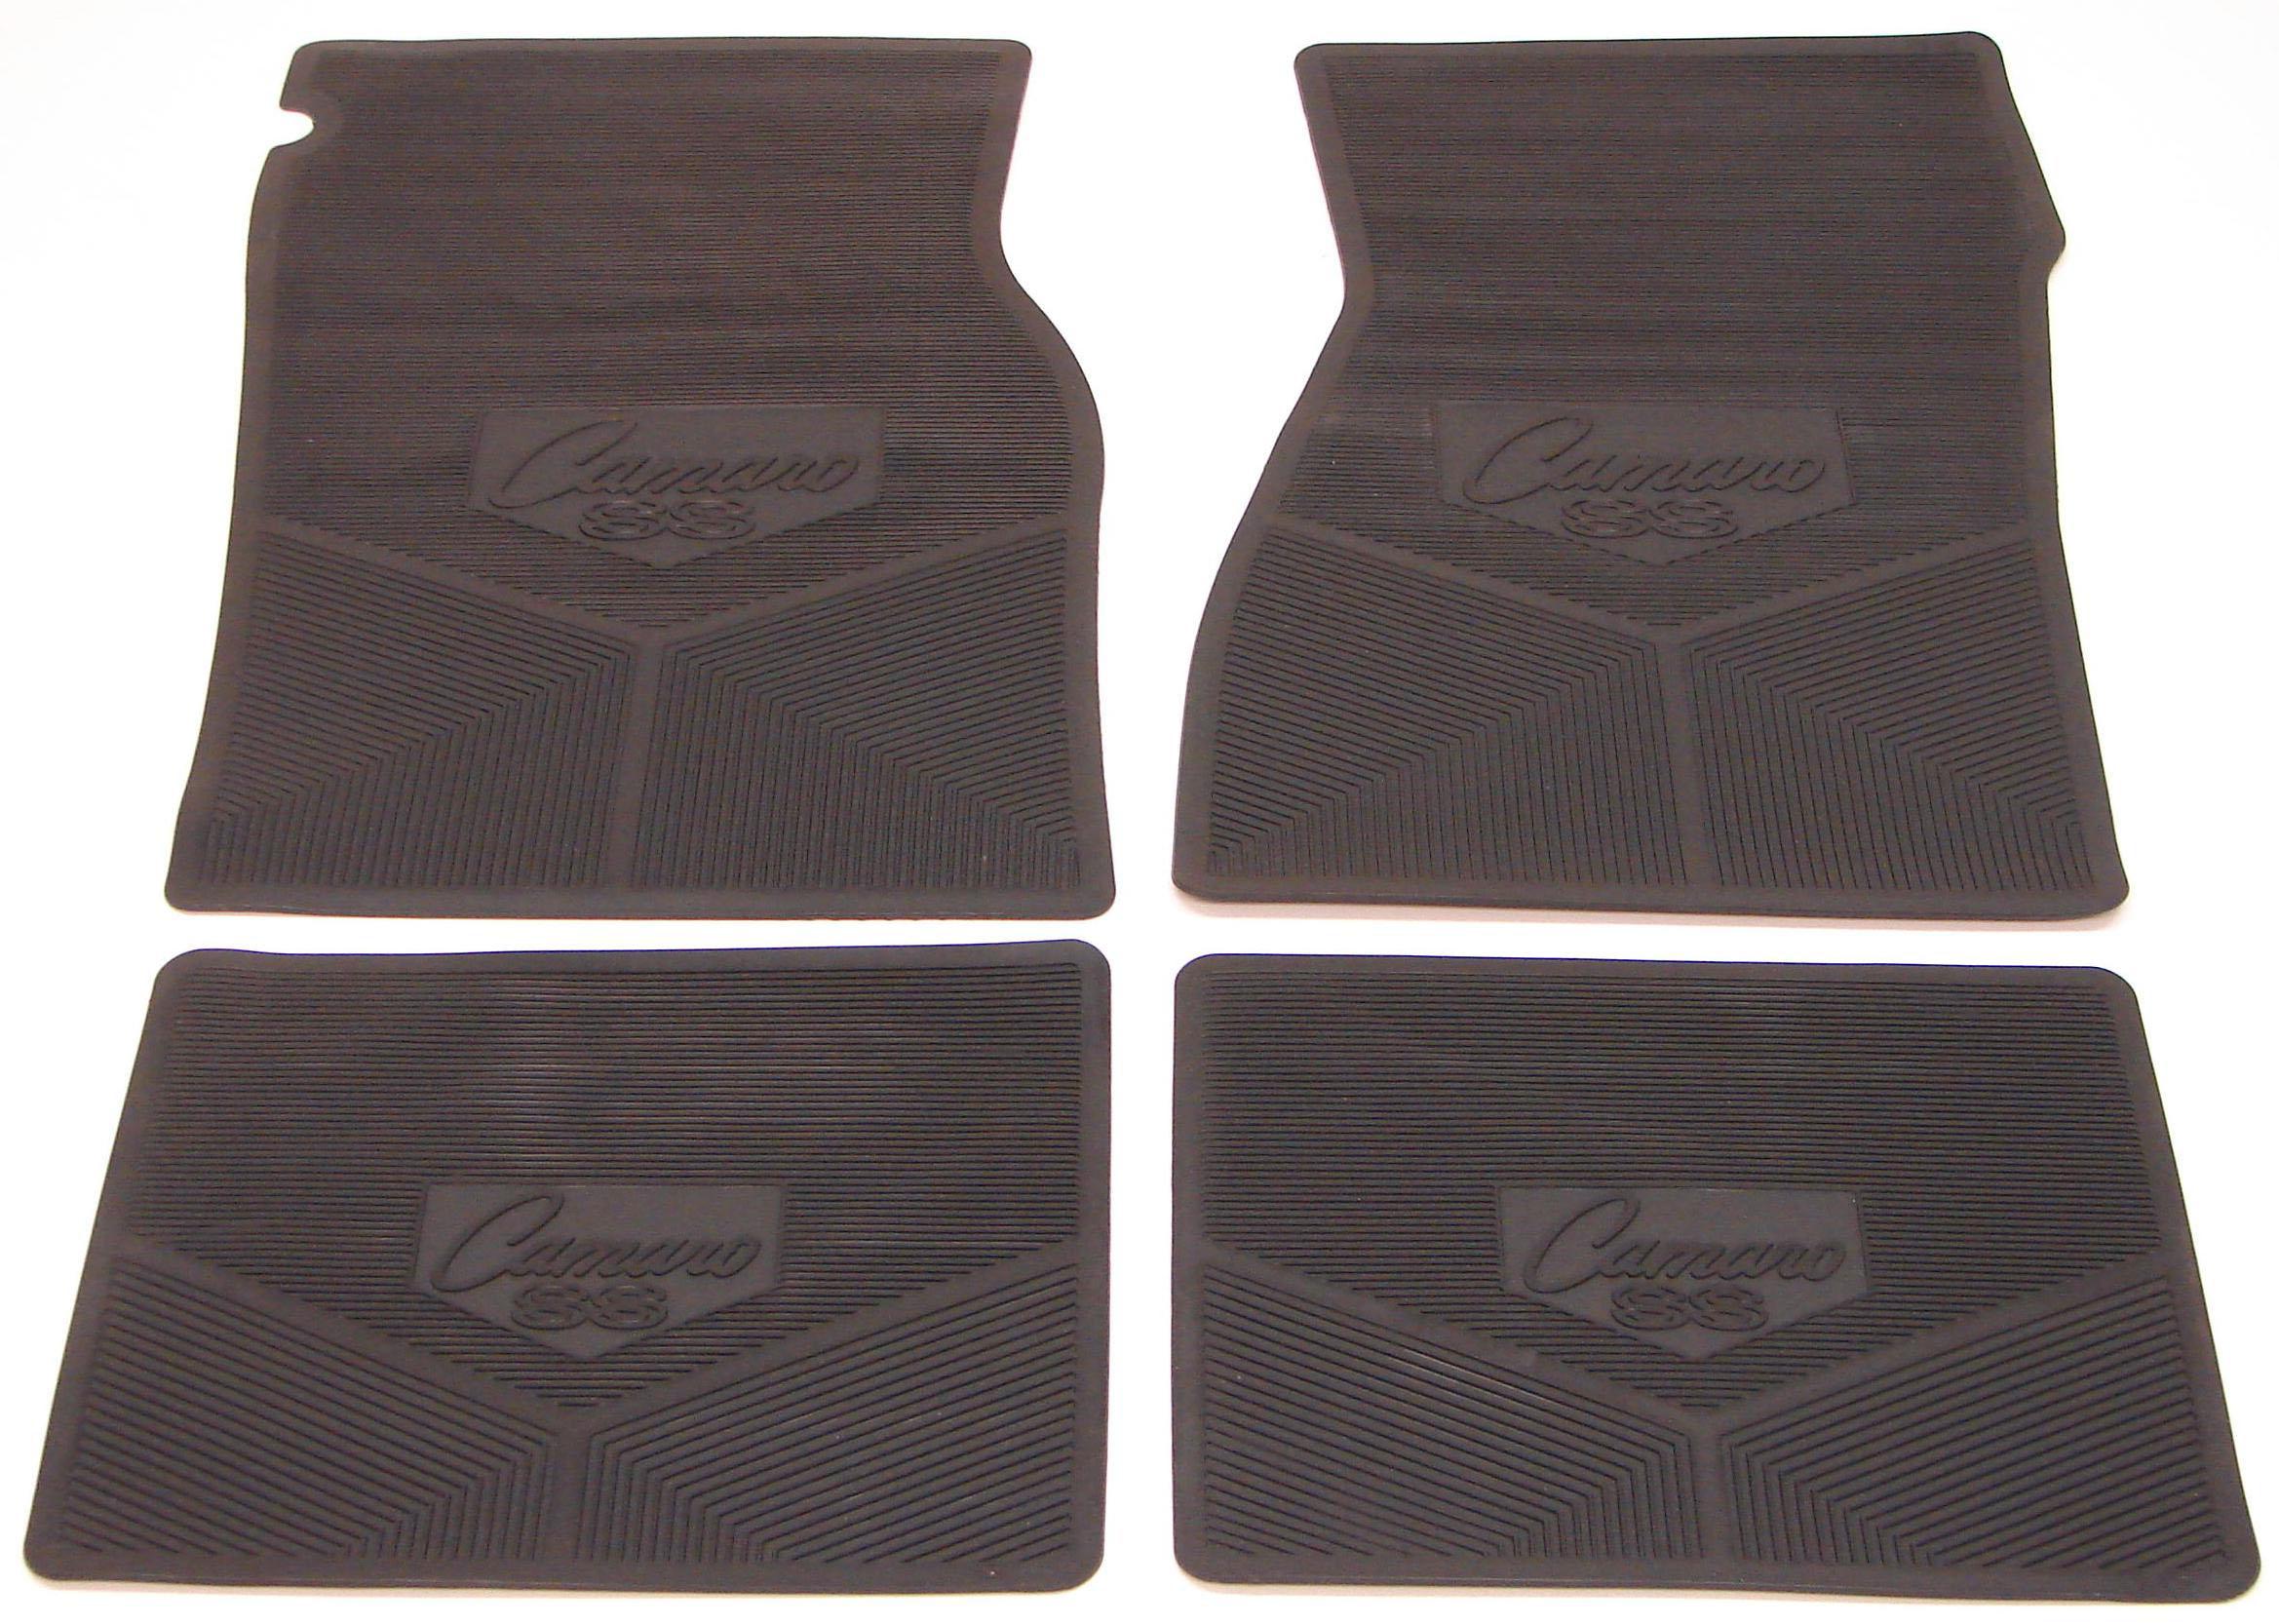 1967 1968 1969 camaro floor mats w camaro ss logo dark for 1967 camaro floor mats